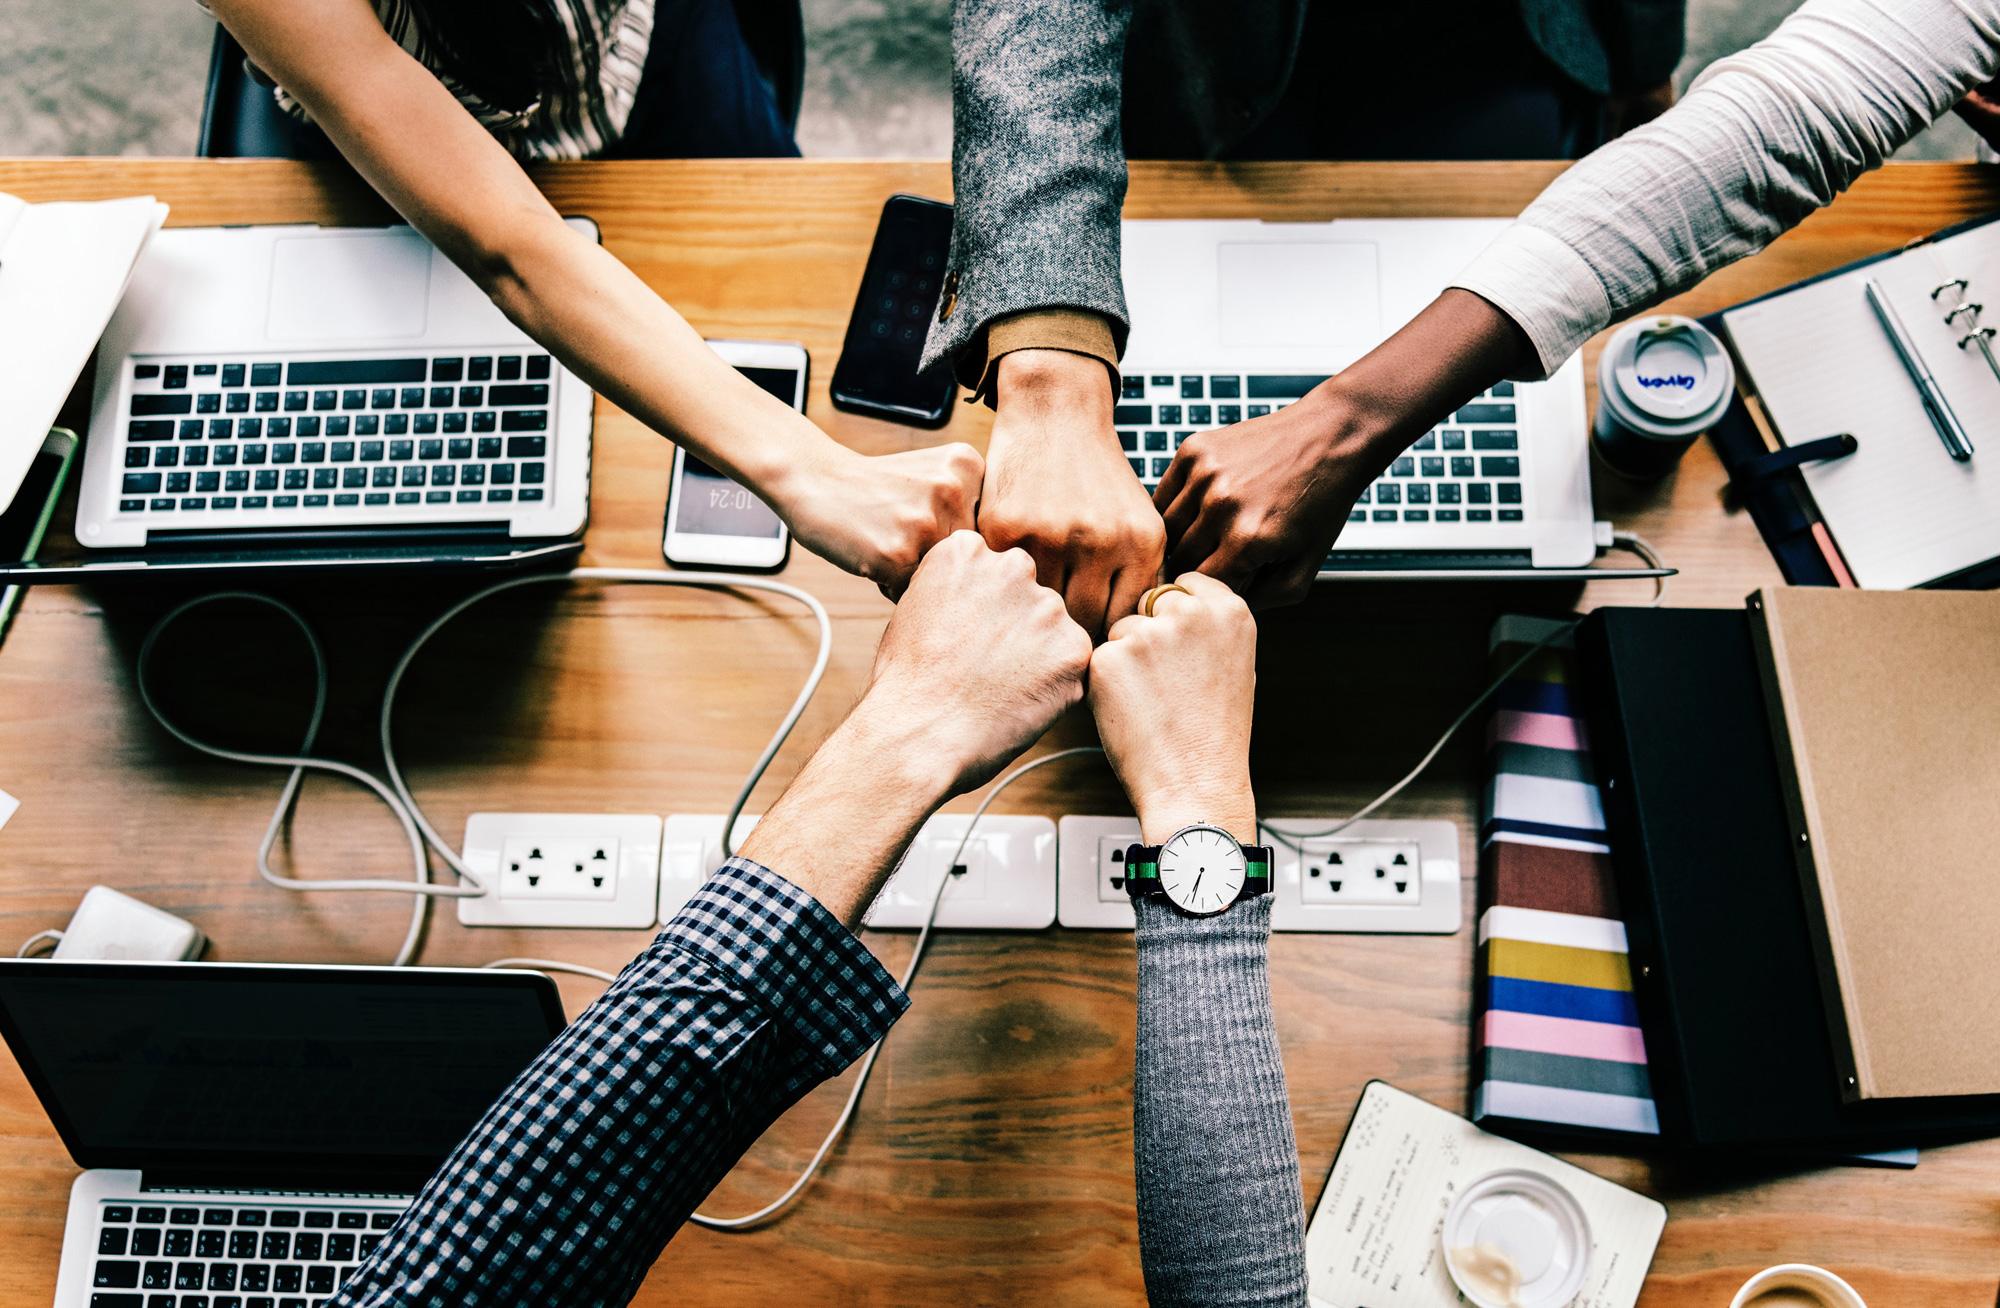 Les 10 grandes tendances marketing pour 2019